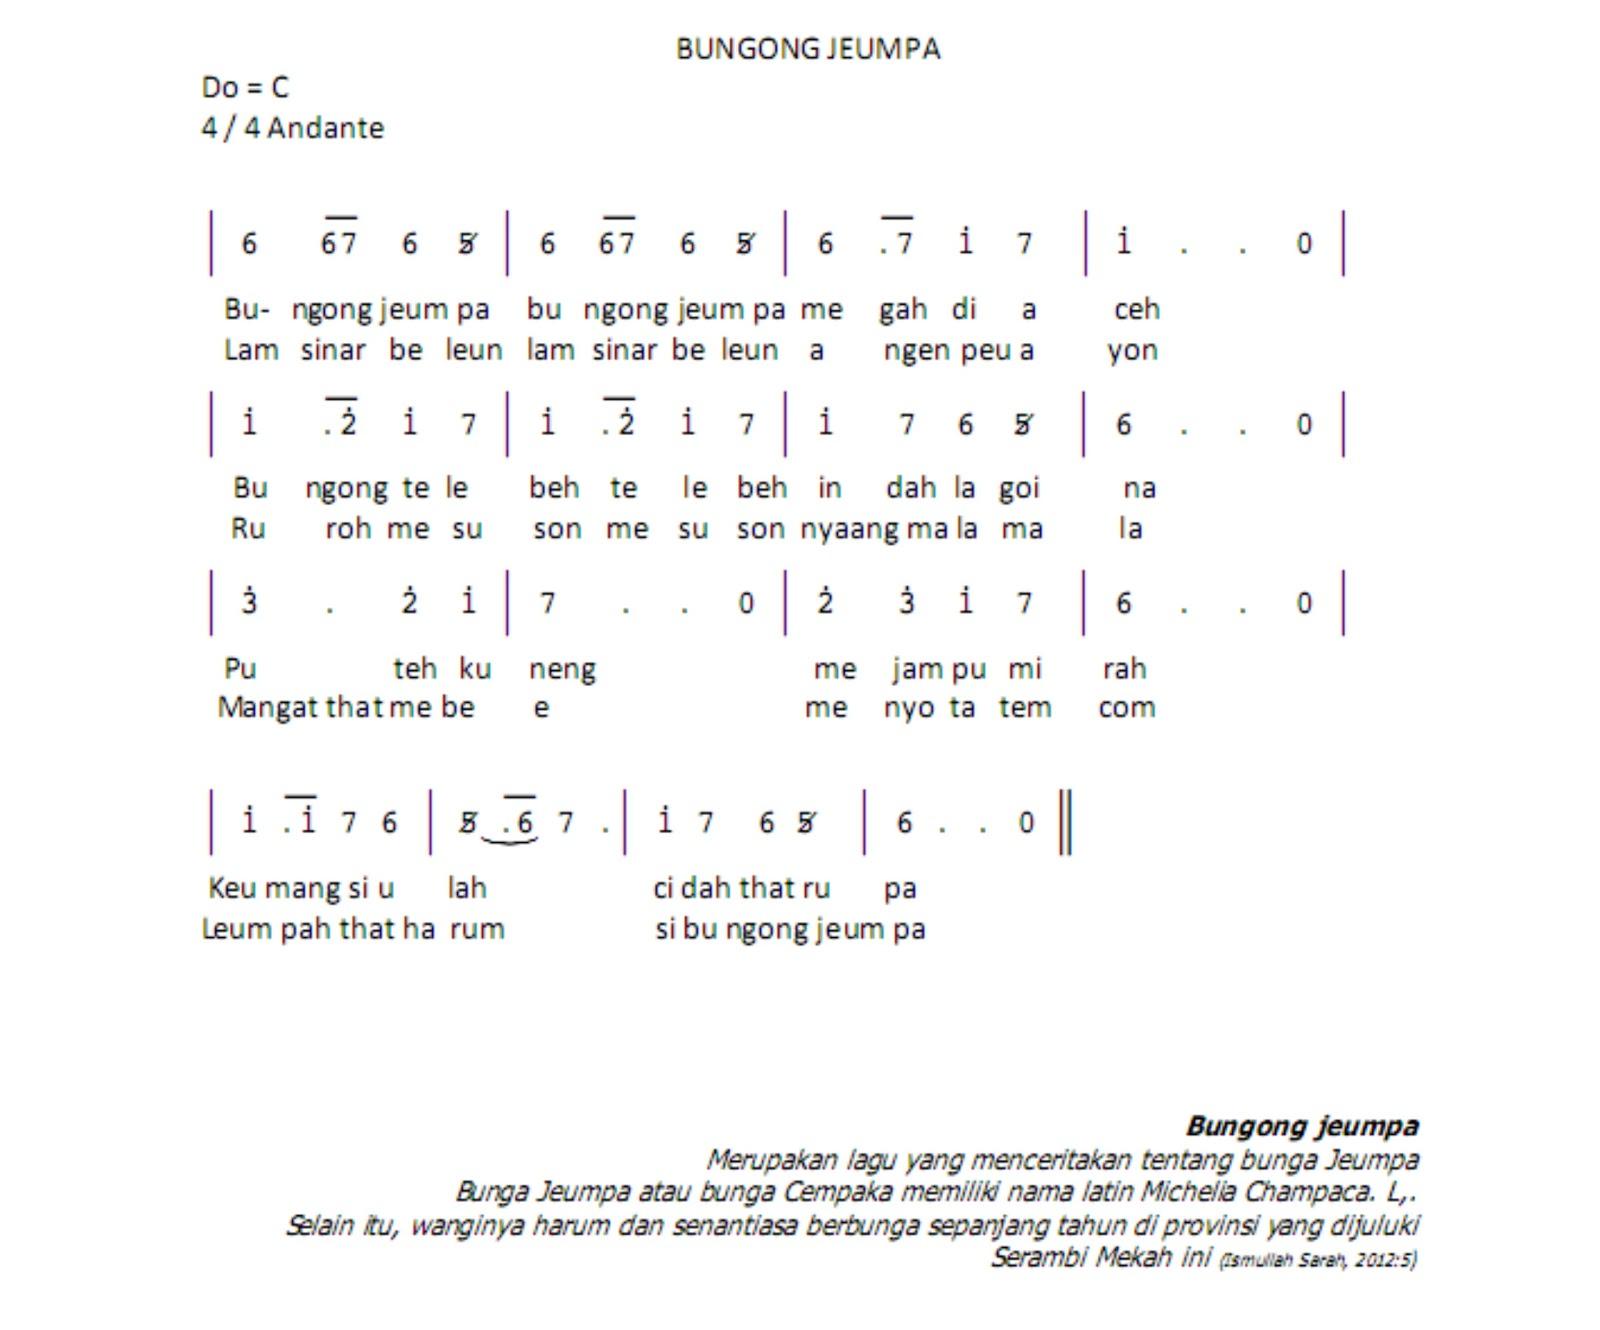 klik di sini untuk mengunduh not angka bungong jeumpa (mediafire)